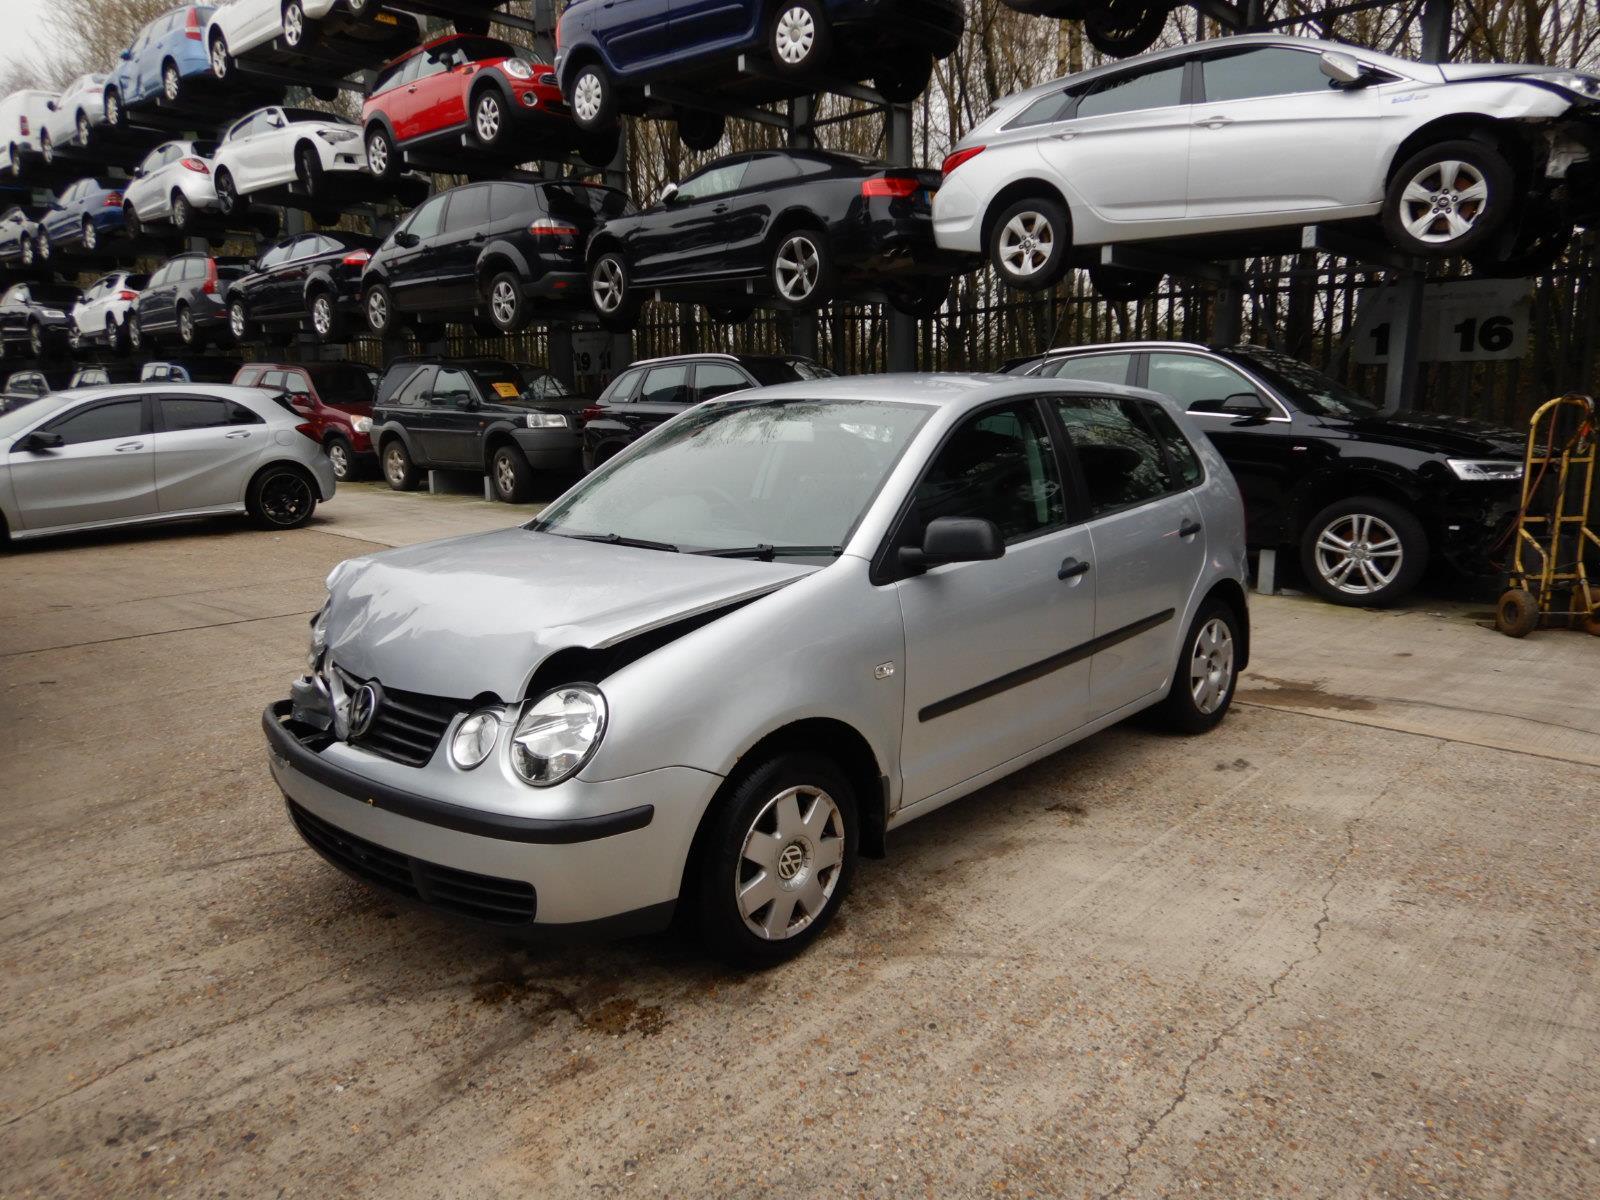 Volkswagen Polo 2002 To 2005 Twist TDi 5 Door Hatchback